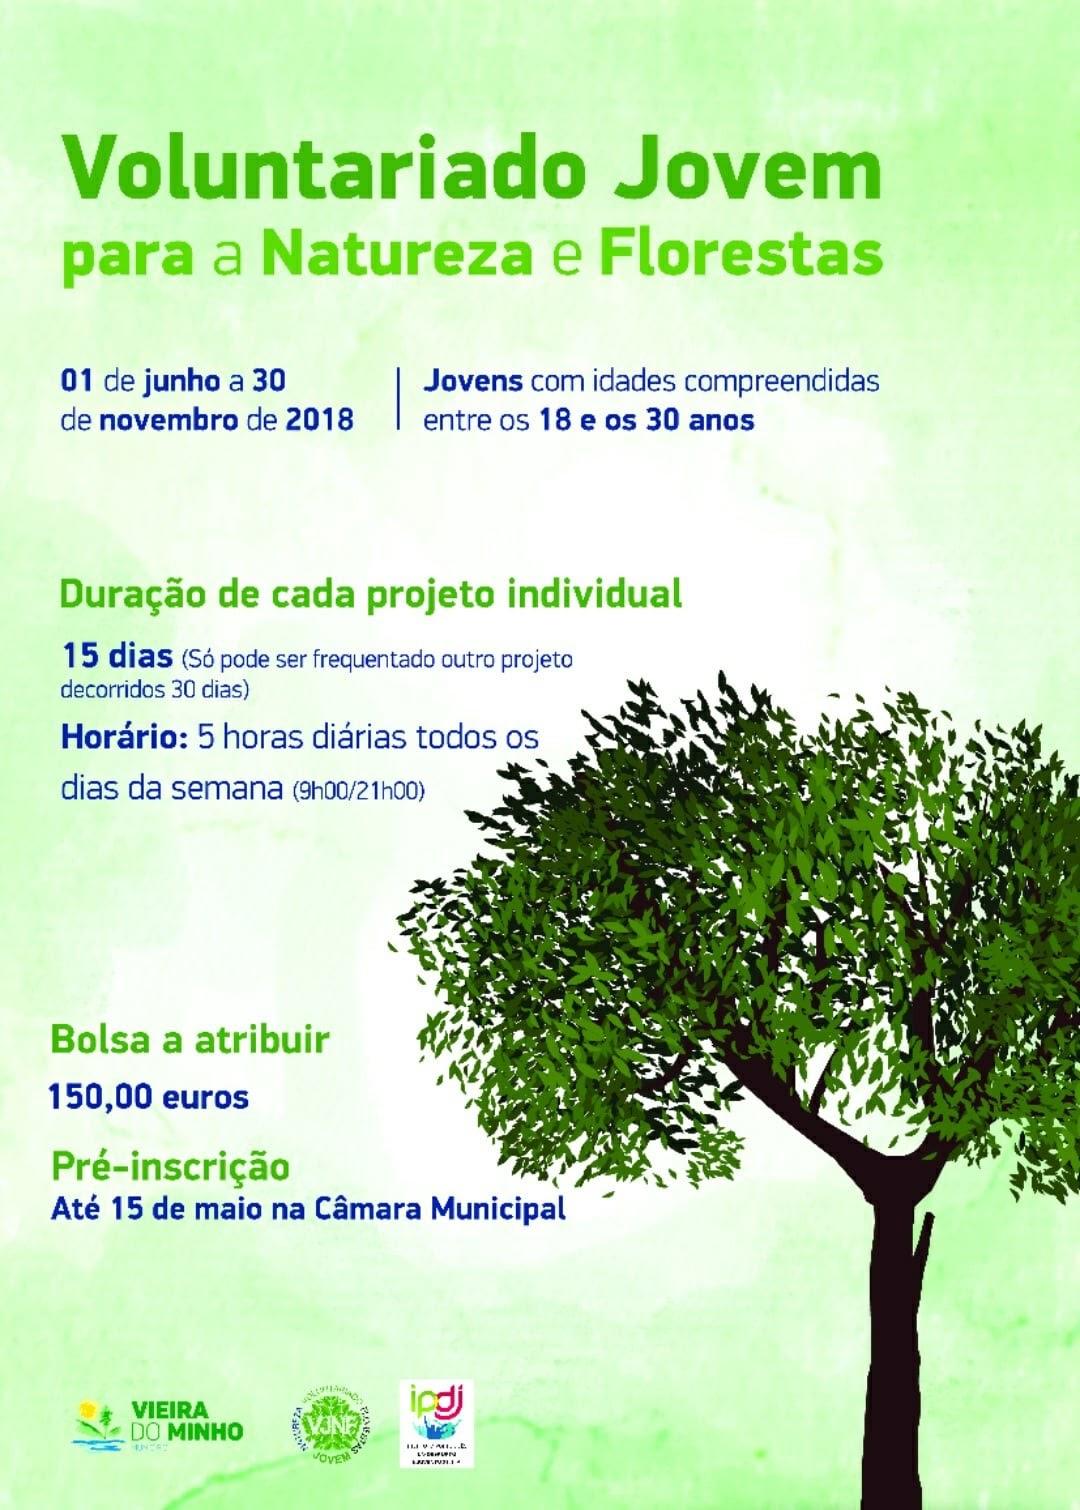 Voluntariado Jovem para a Natureza e Floresta